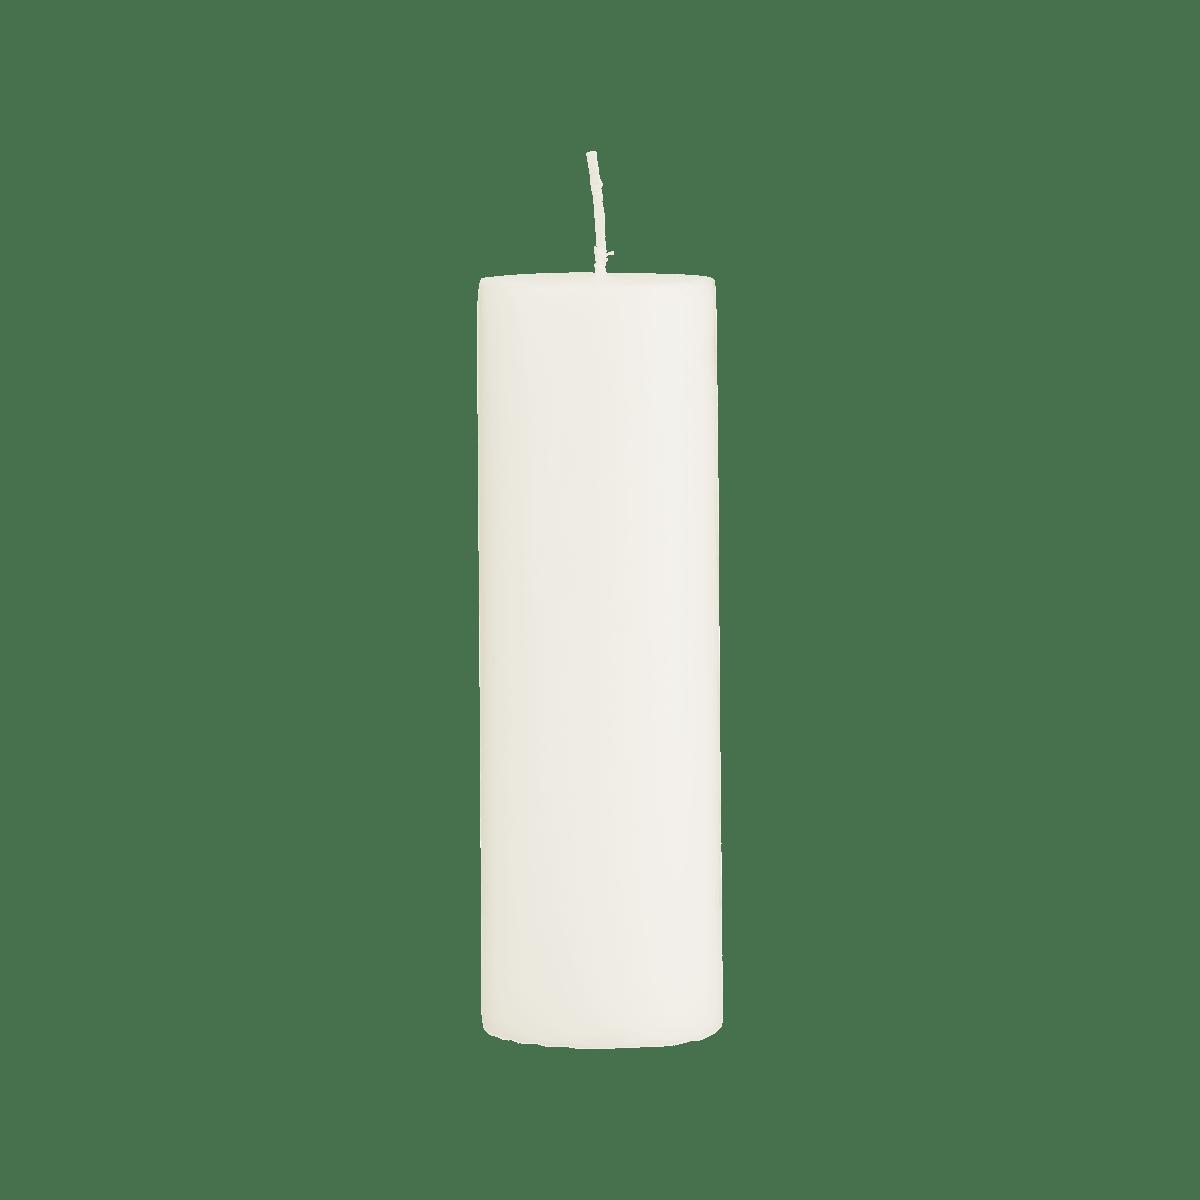 Světle šedá svíčka 6x20 cm - set 2 kusů